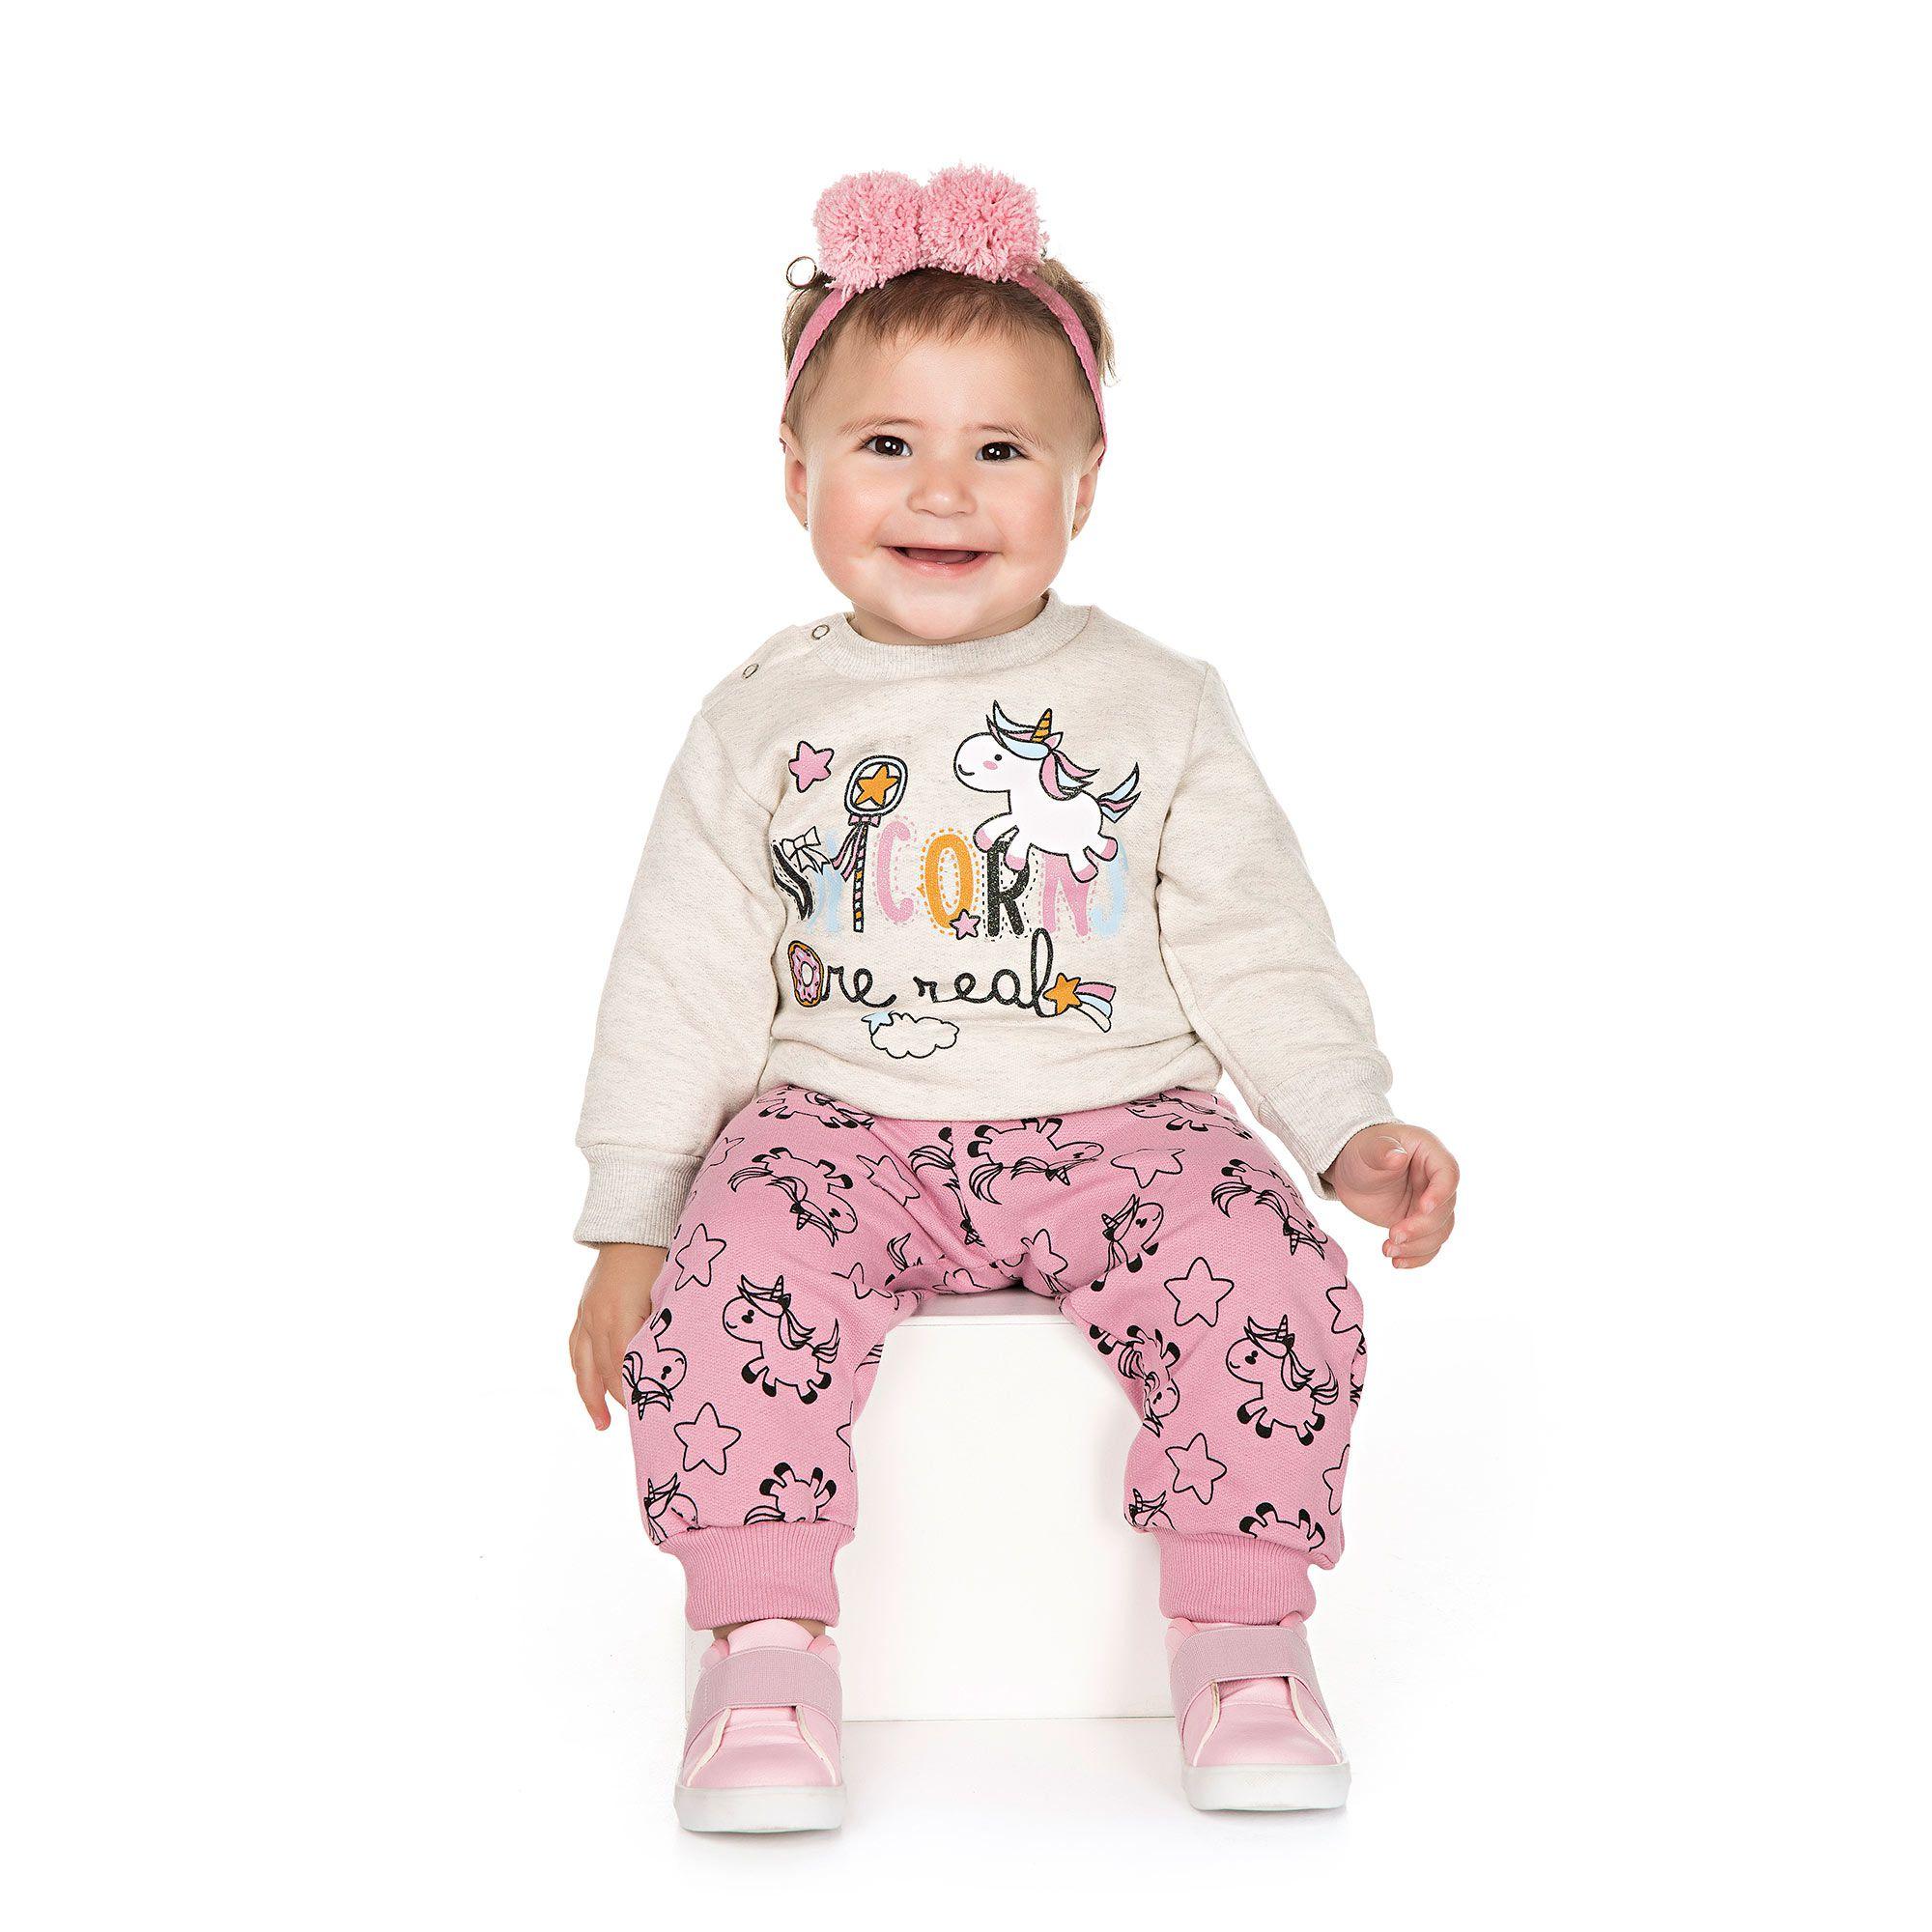 Conjunto Infantil de Moletom para Bebê 2 peças - Ref 4930